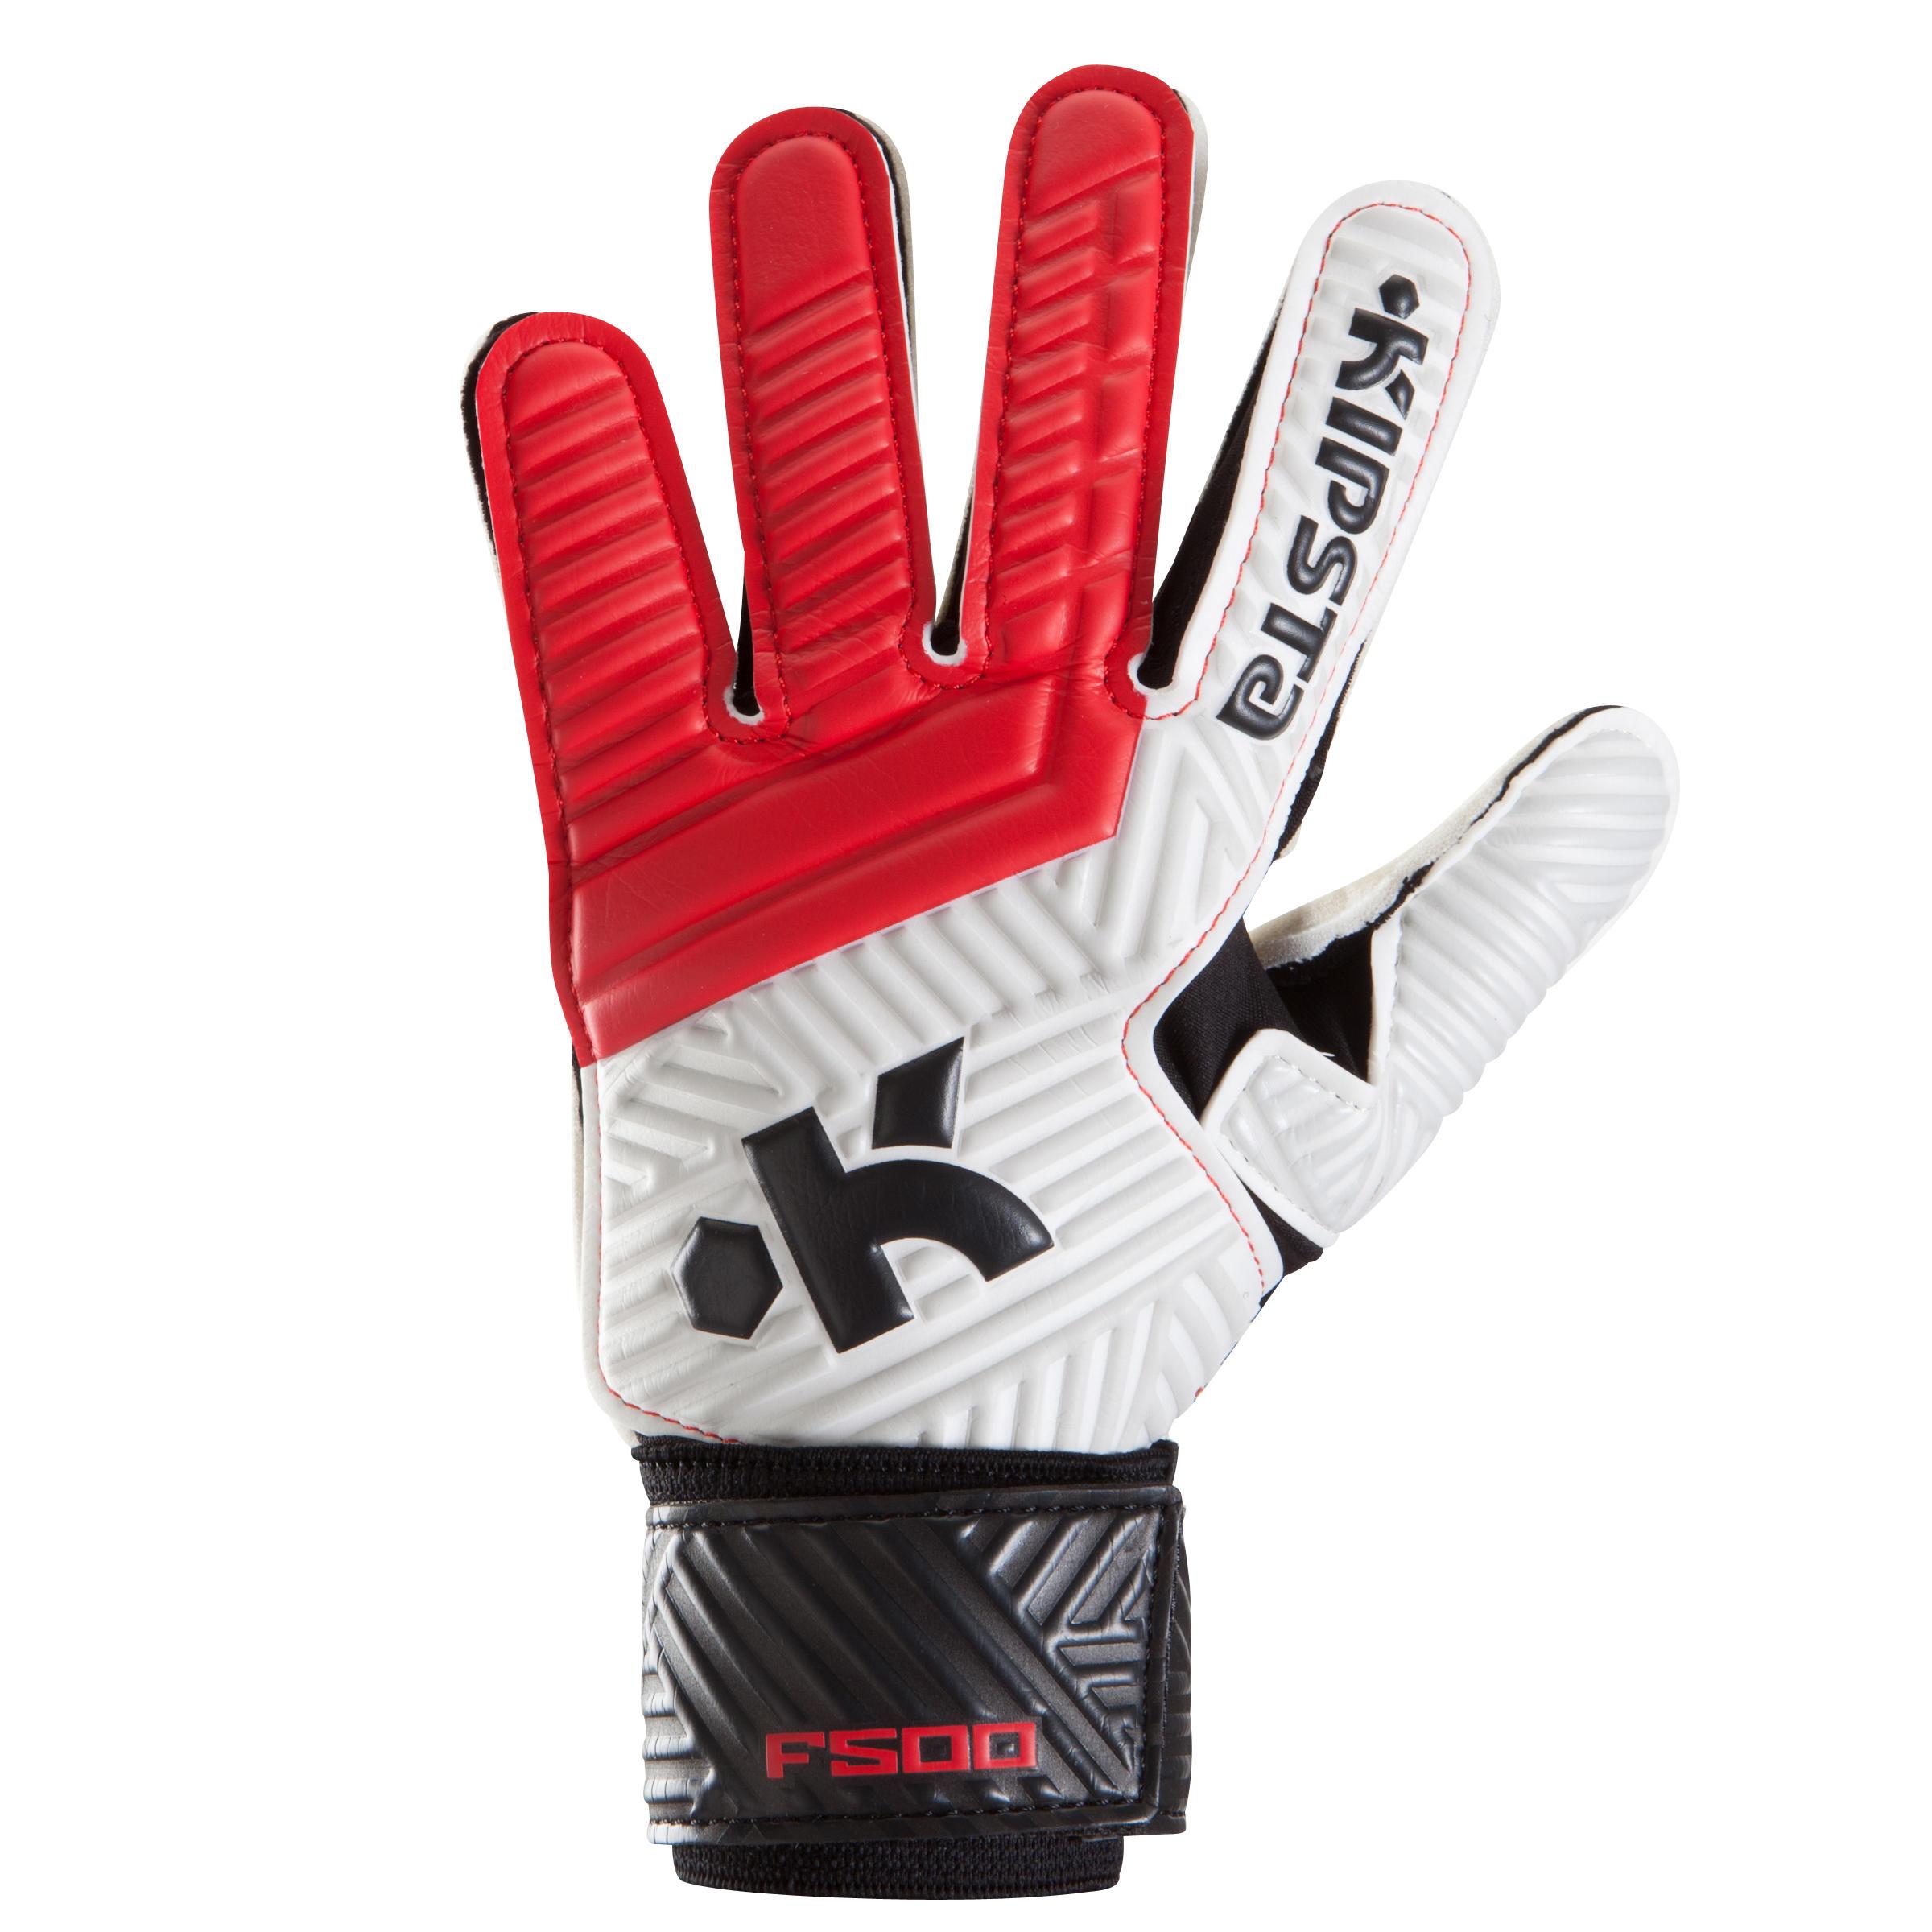 Kipsta gant de gardien de football enfant f500 rouge noir - Gants chauffants decathlon ...